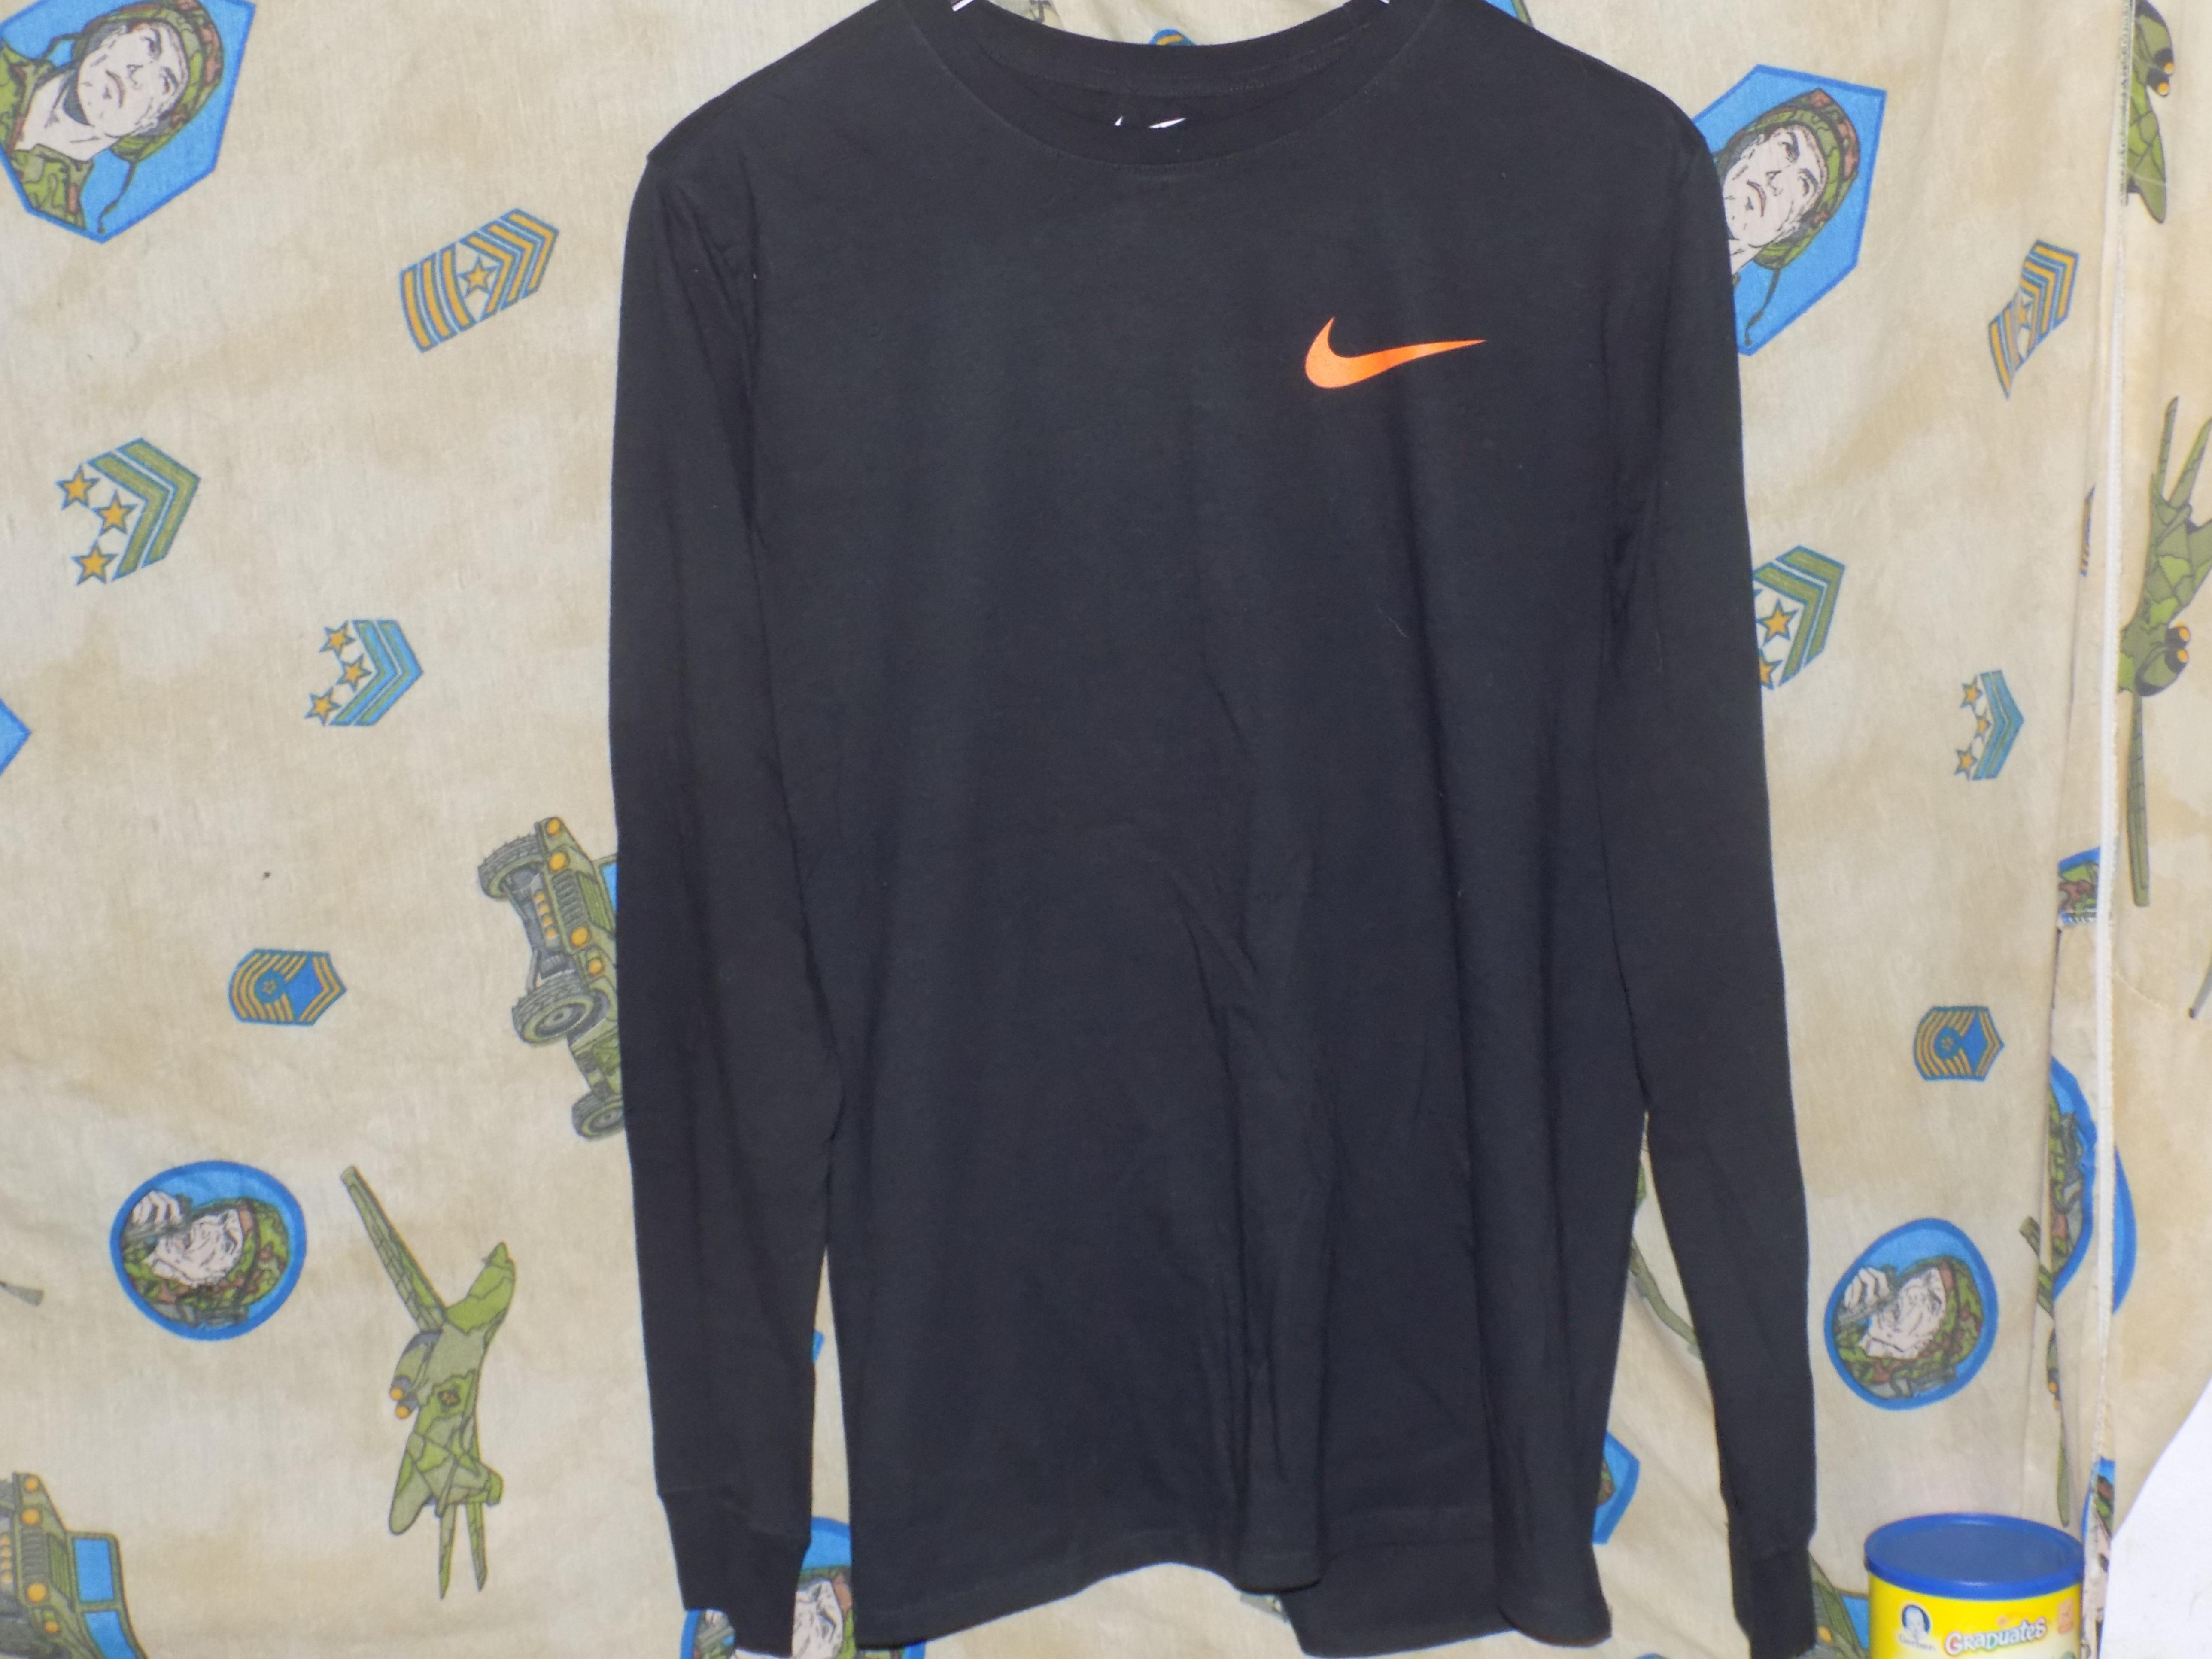 0ffd7a3e Vlone ×. Vlone x Nike Shirt. Size: US L / EU 52-54 ...